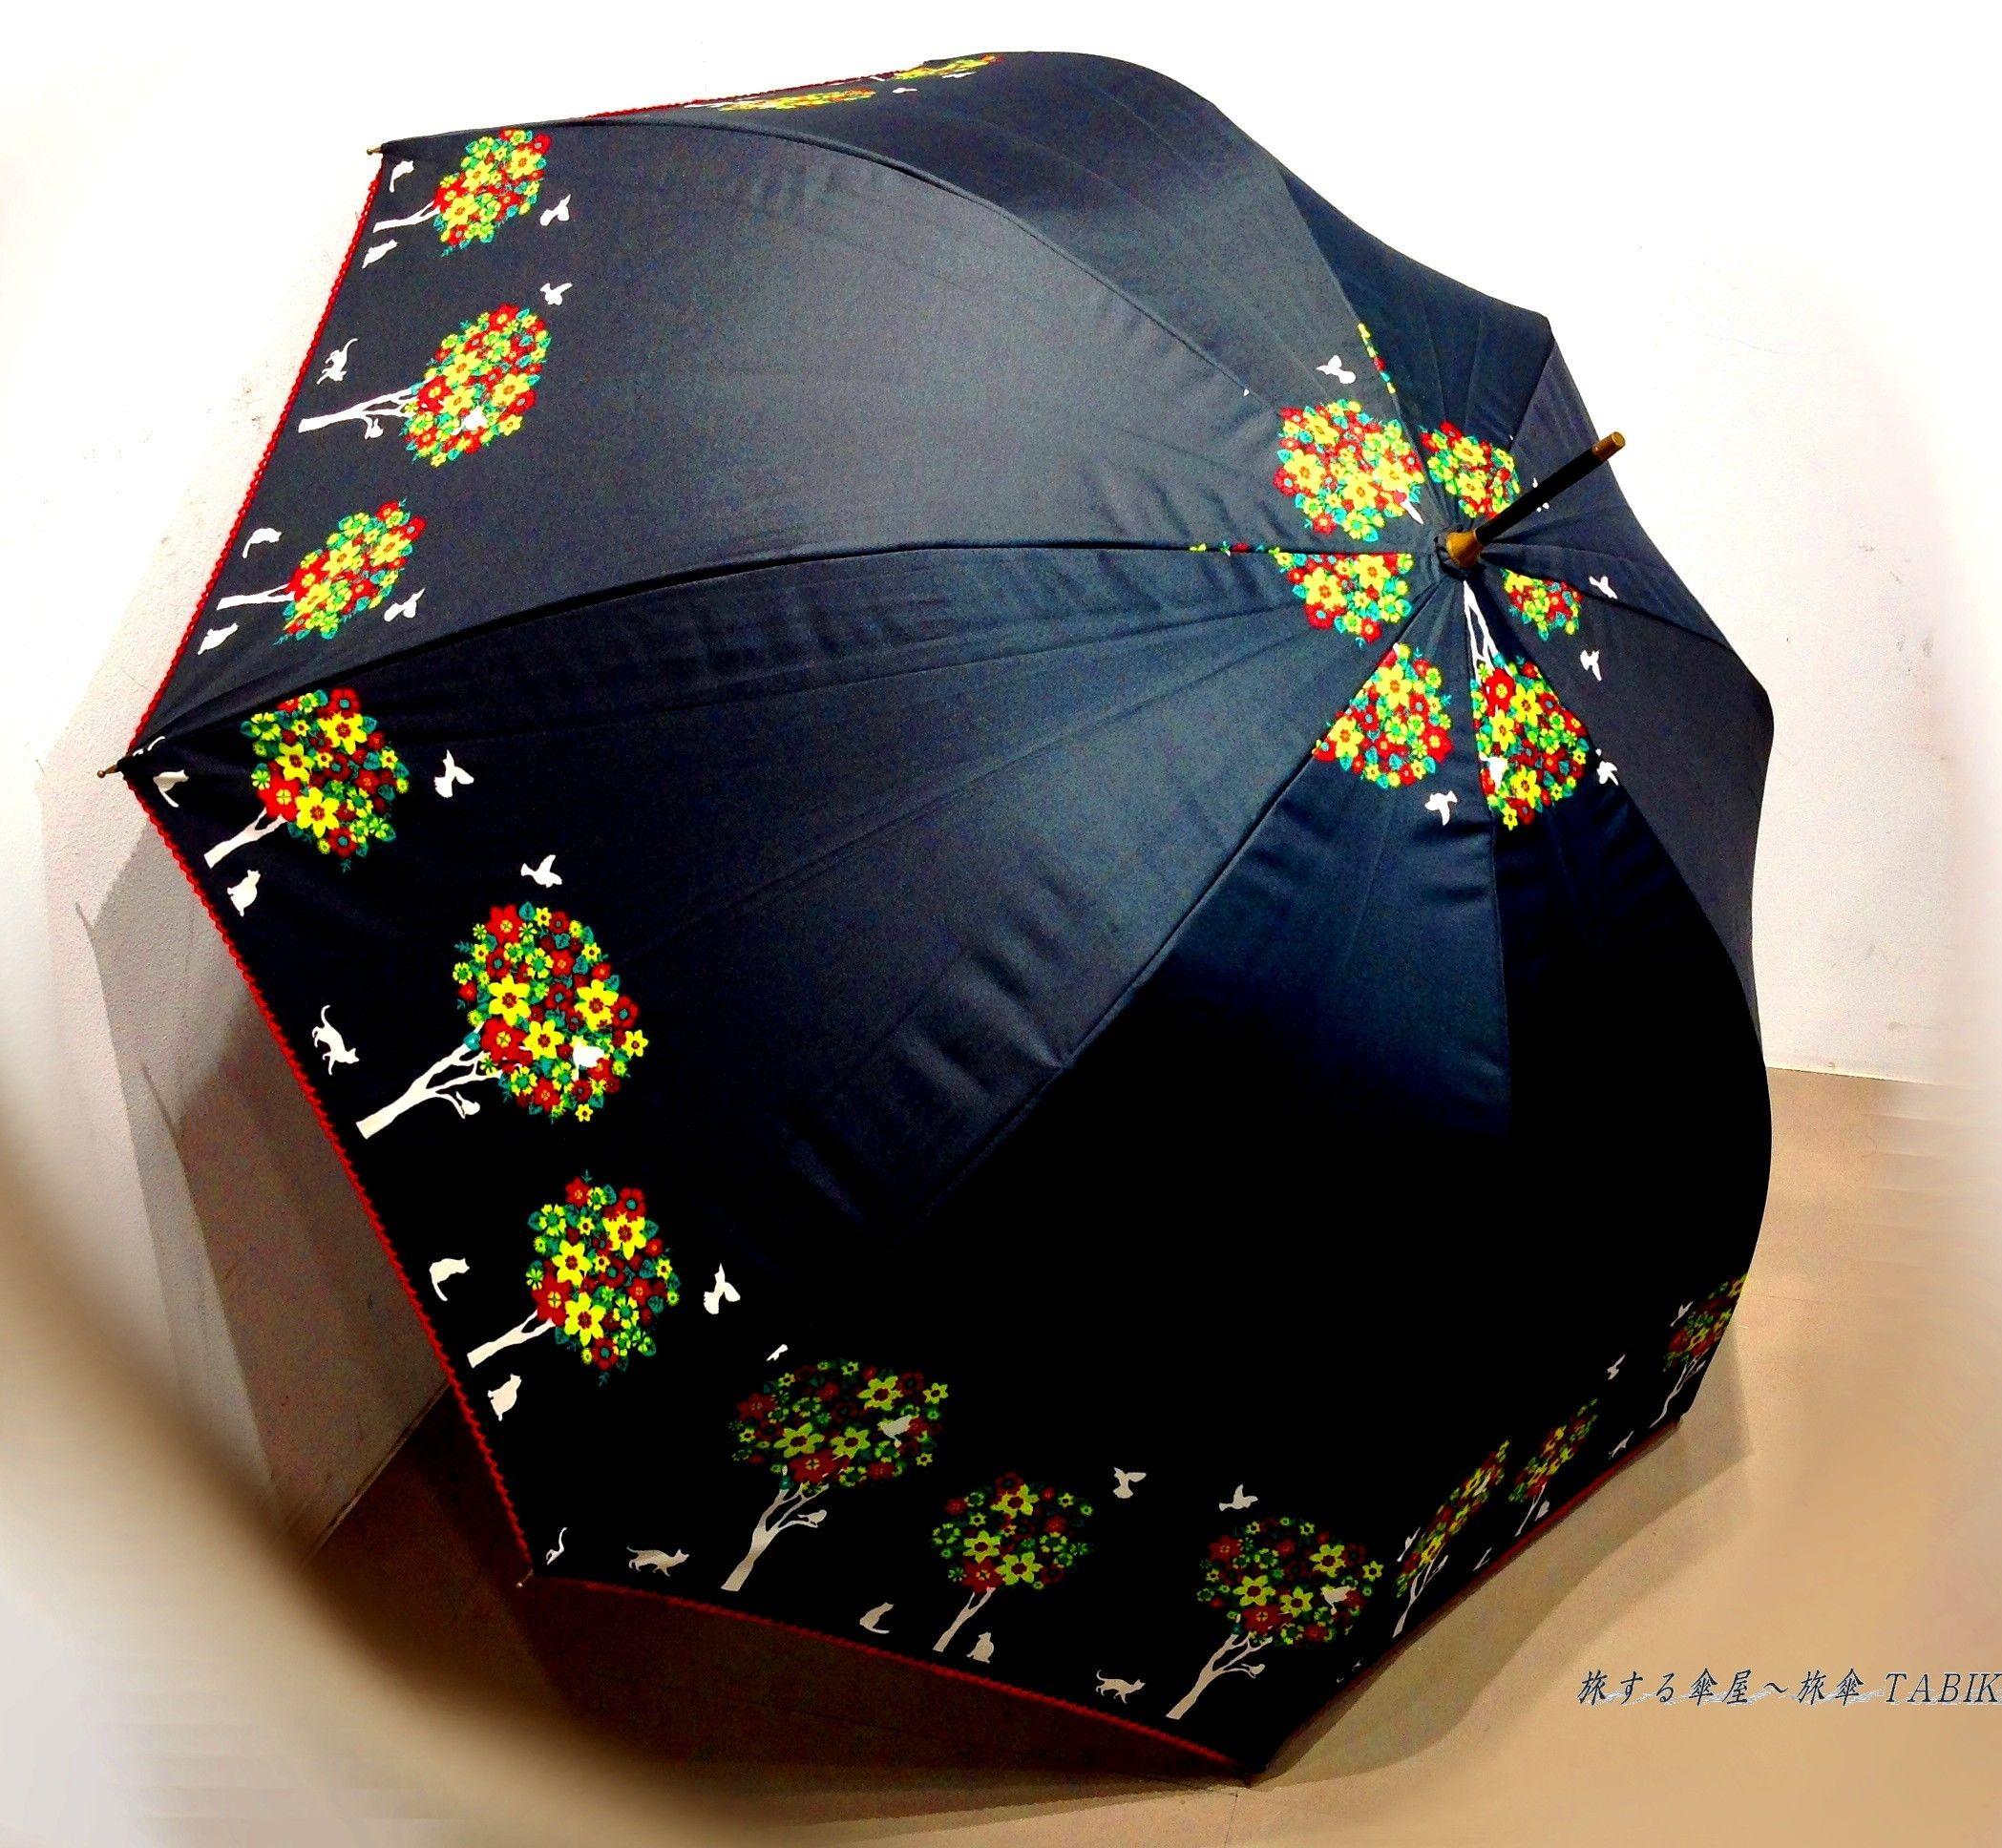 【-18~19℃】傘専門店 通販 東京 日傘 晴雨兼用 サビにくい 黒骨 遮光 遮熱 旅傘【ドームStyle 小鳥と猫 Black】